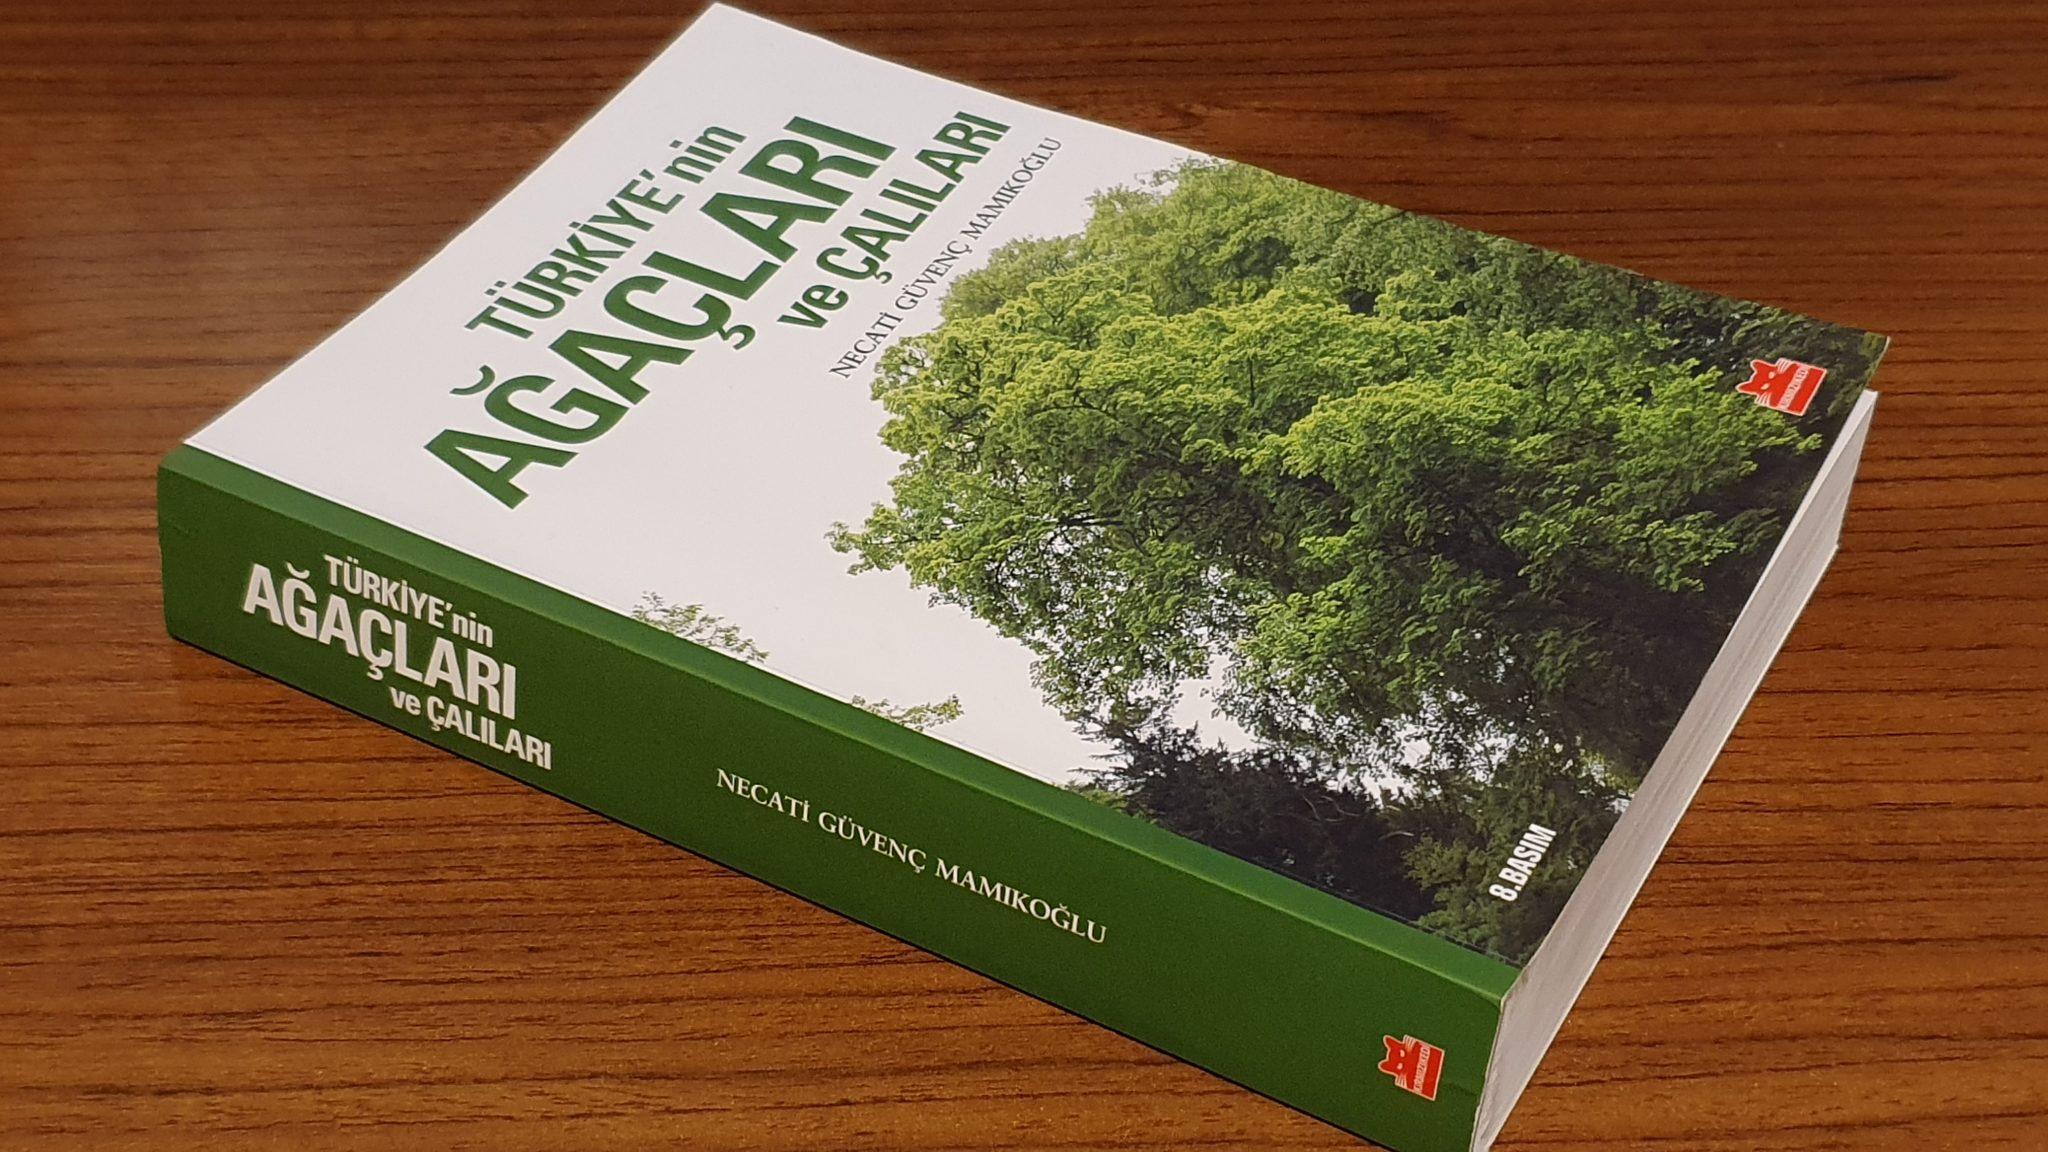 Türkiye'nin Ağaçları ve Çalıları - Necati Güvenç Mamıkoğlu